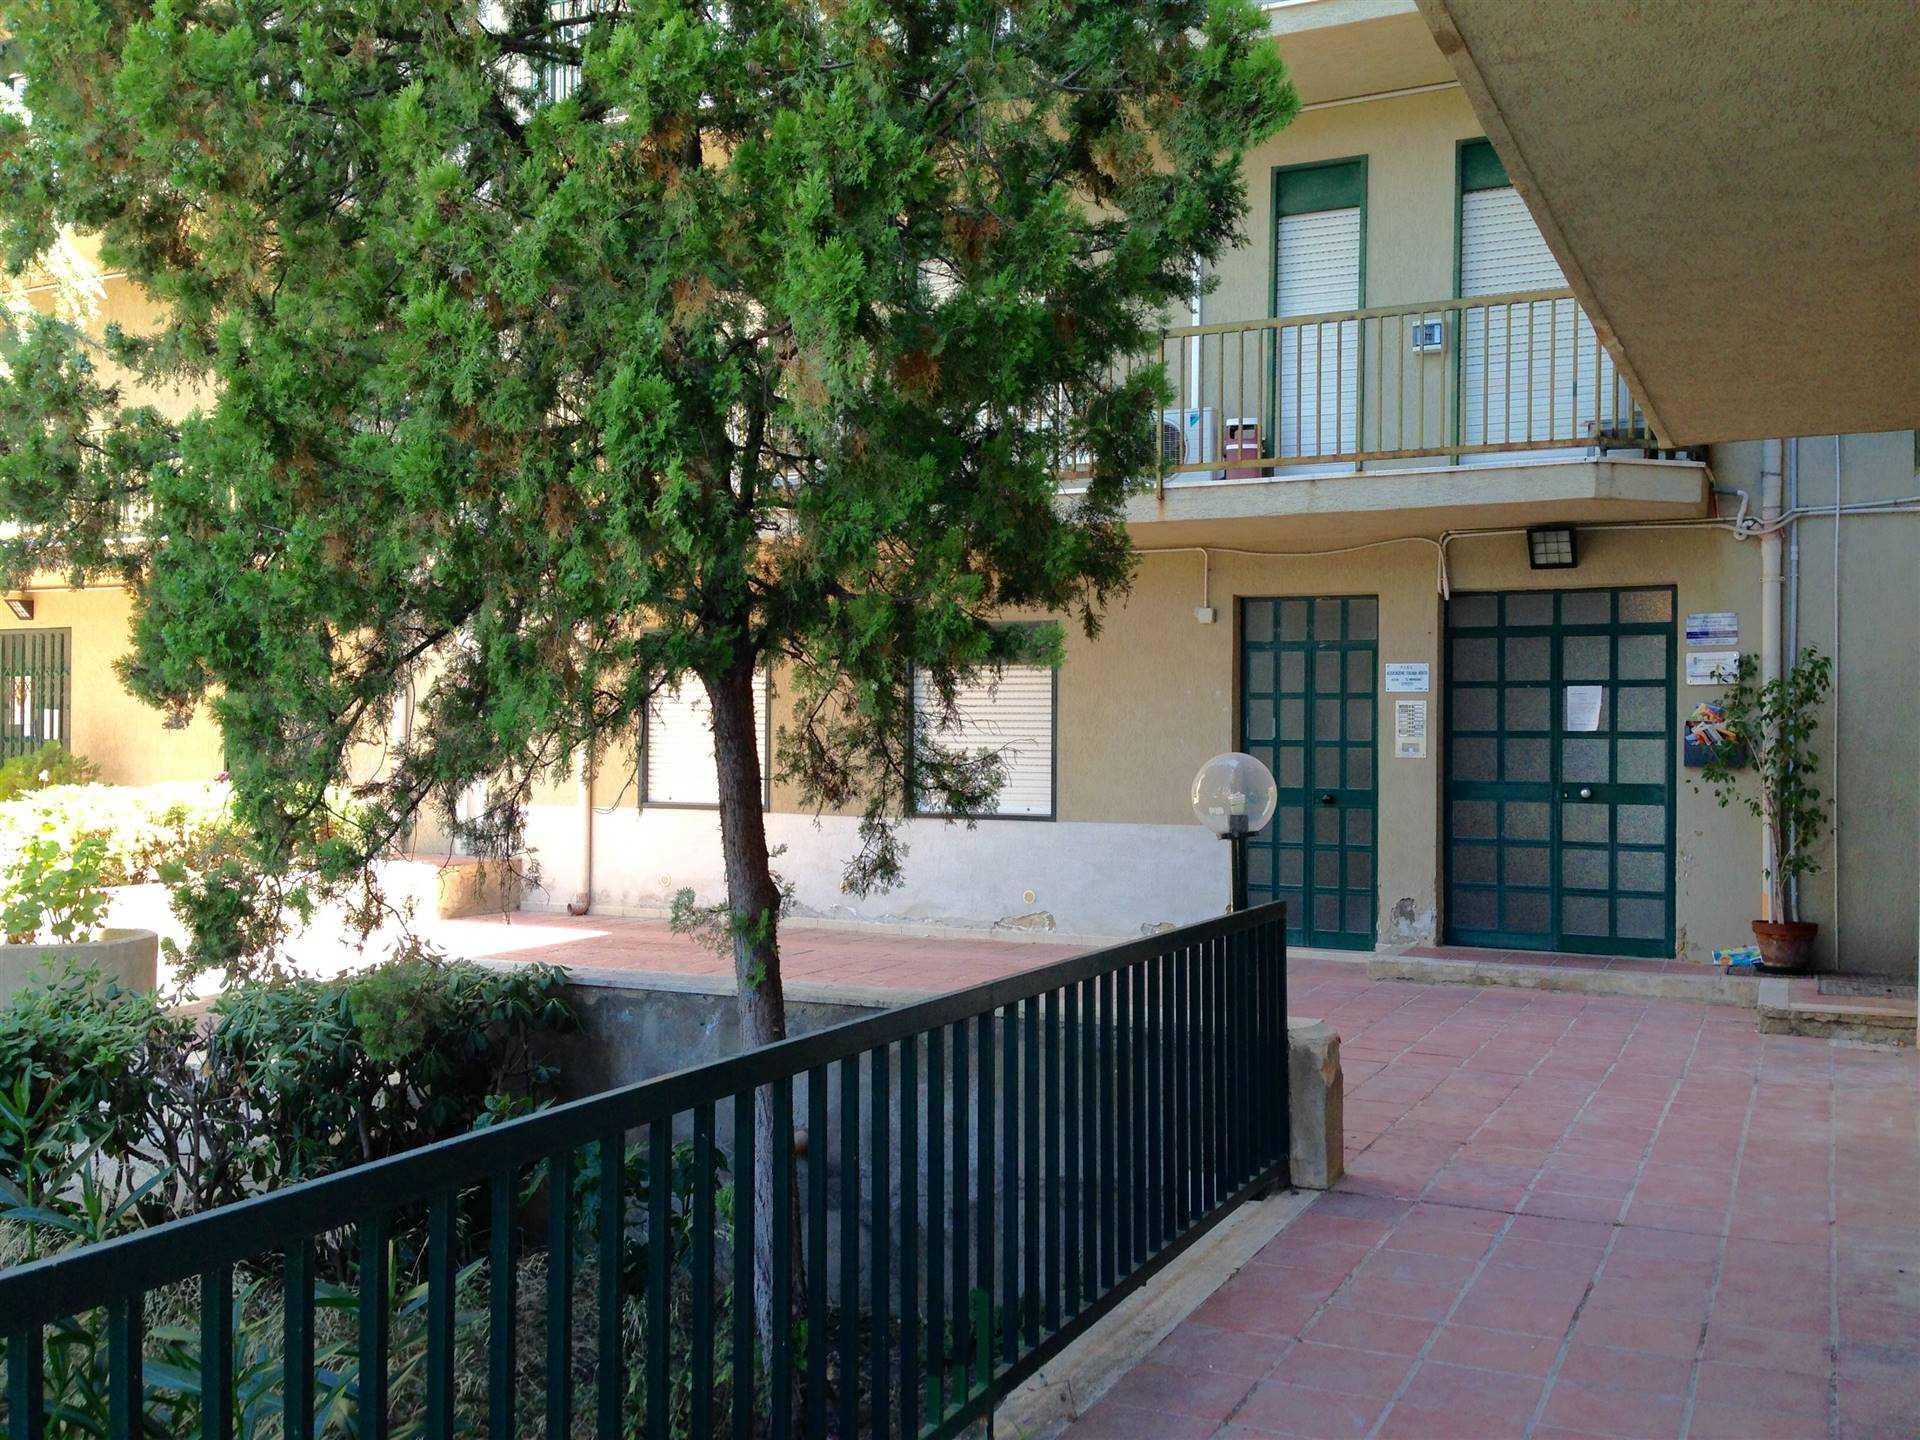 Appartamento in vendita a Agrigento, 4 locali, zona Località: QUADRIVIO SPINASANTA, prezzo € 120.000 | CambioCasa.it